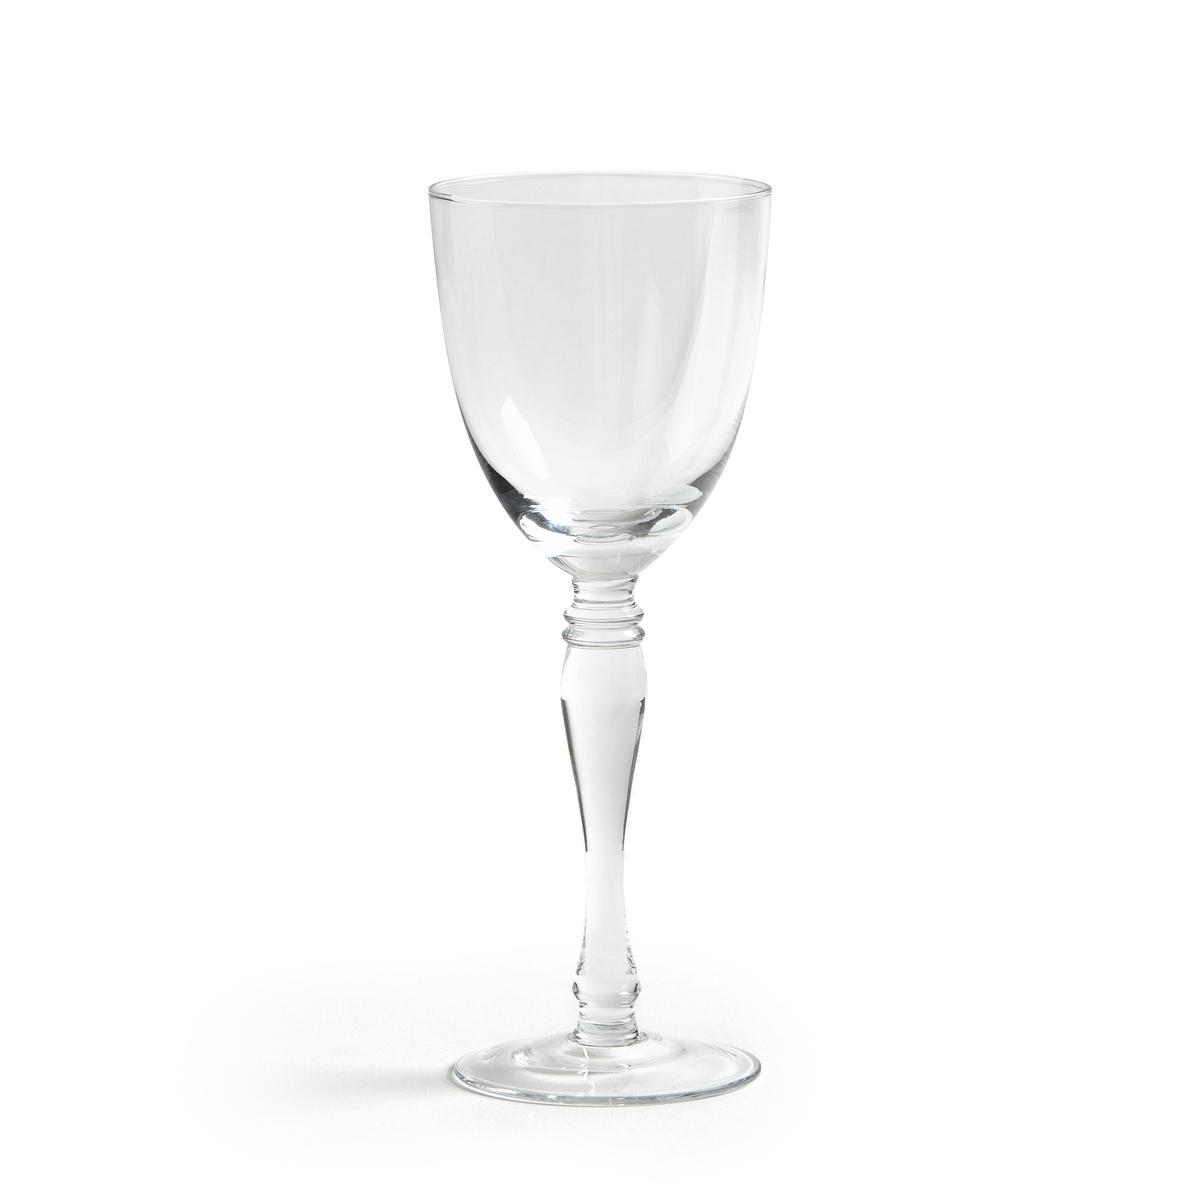 4 бокала под вино Alinda крымское вино в тюмени